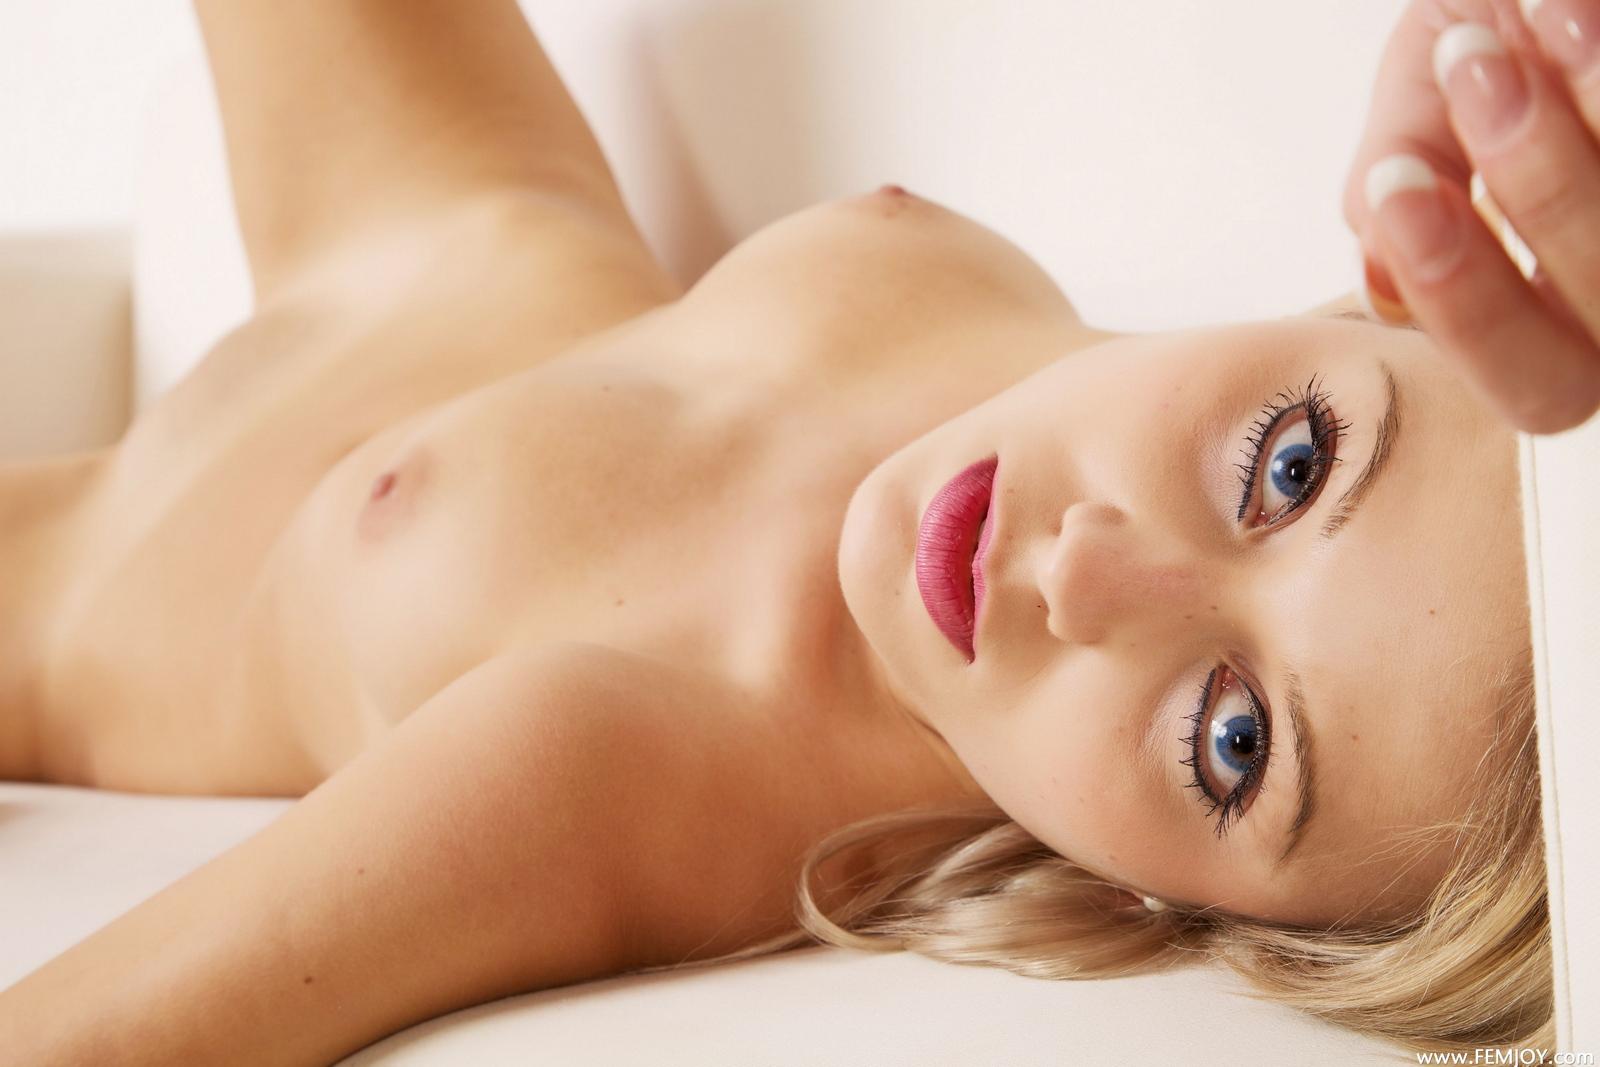 laura-j-blonde-nude-over-knee-socks-high-heels-femjoy-44